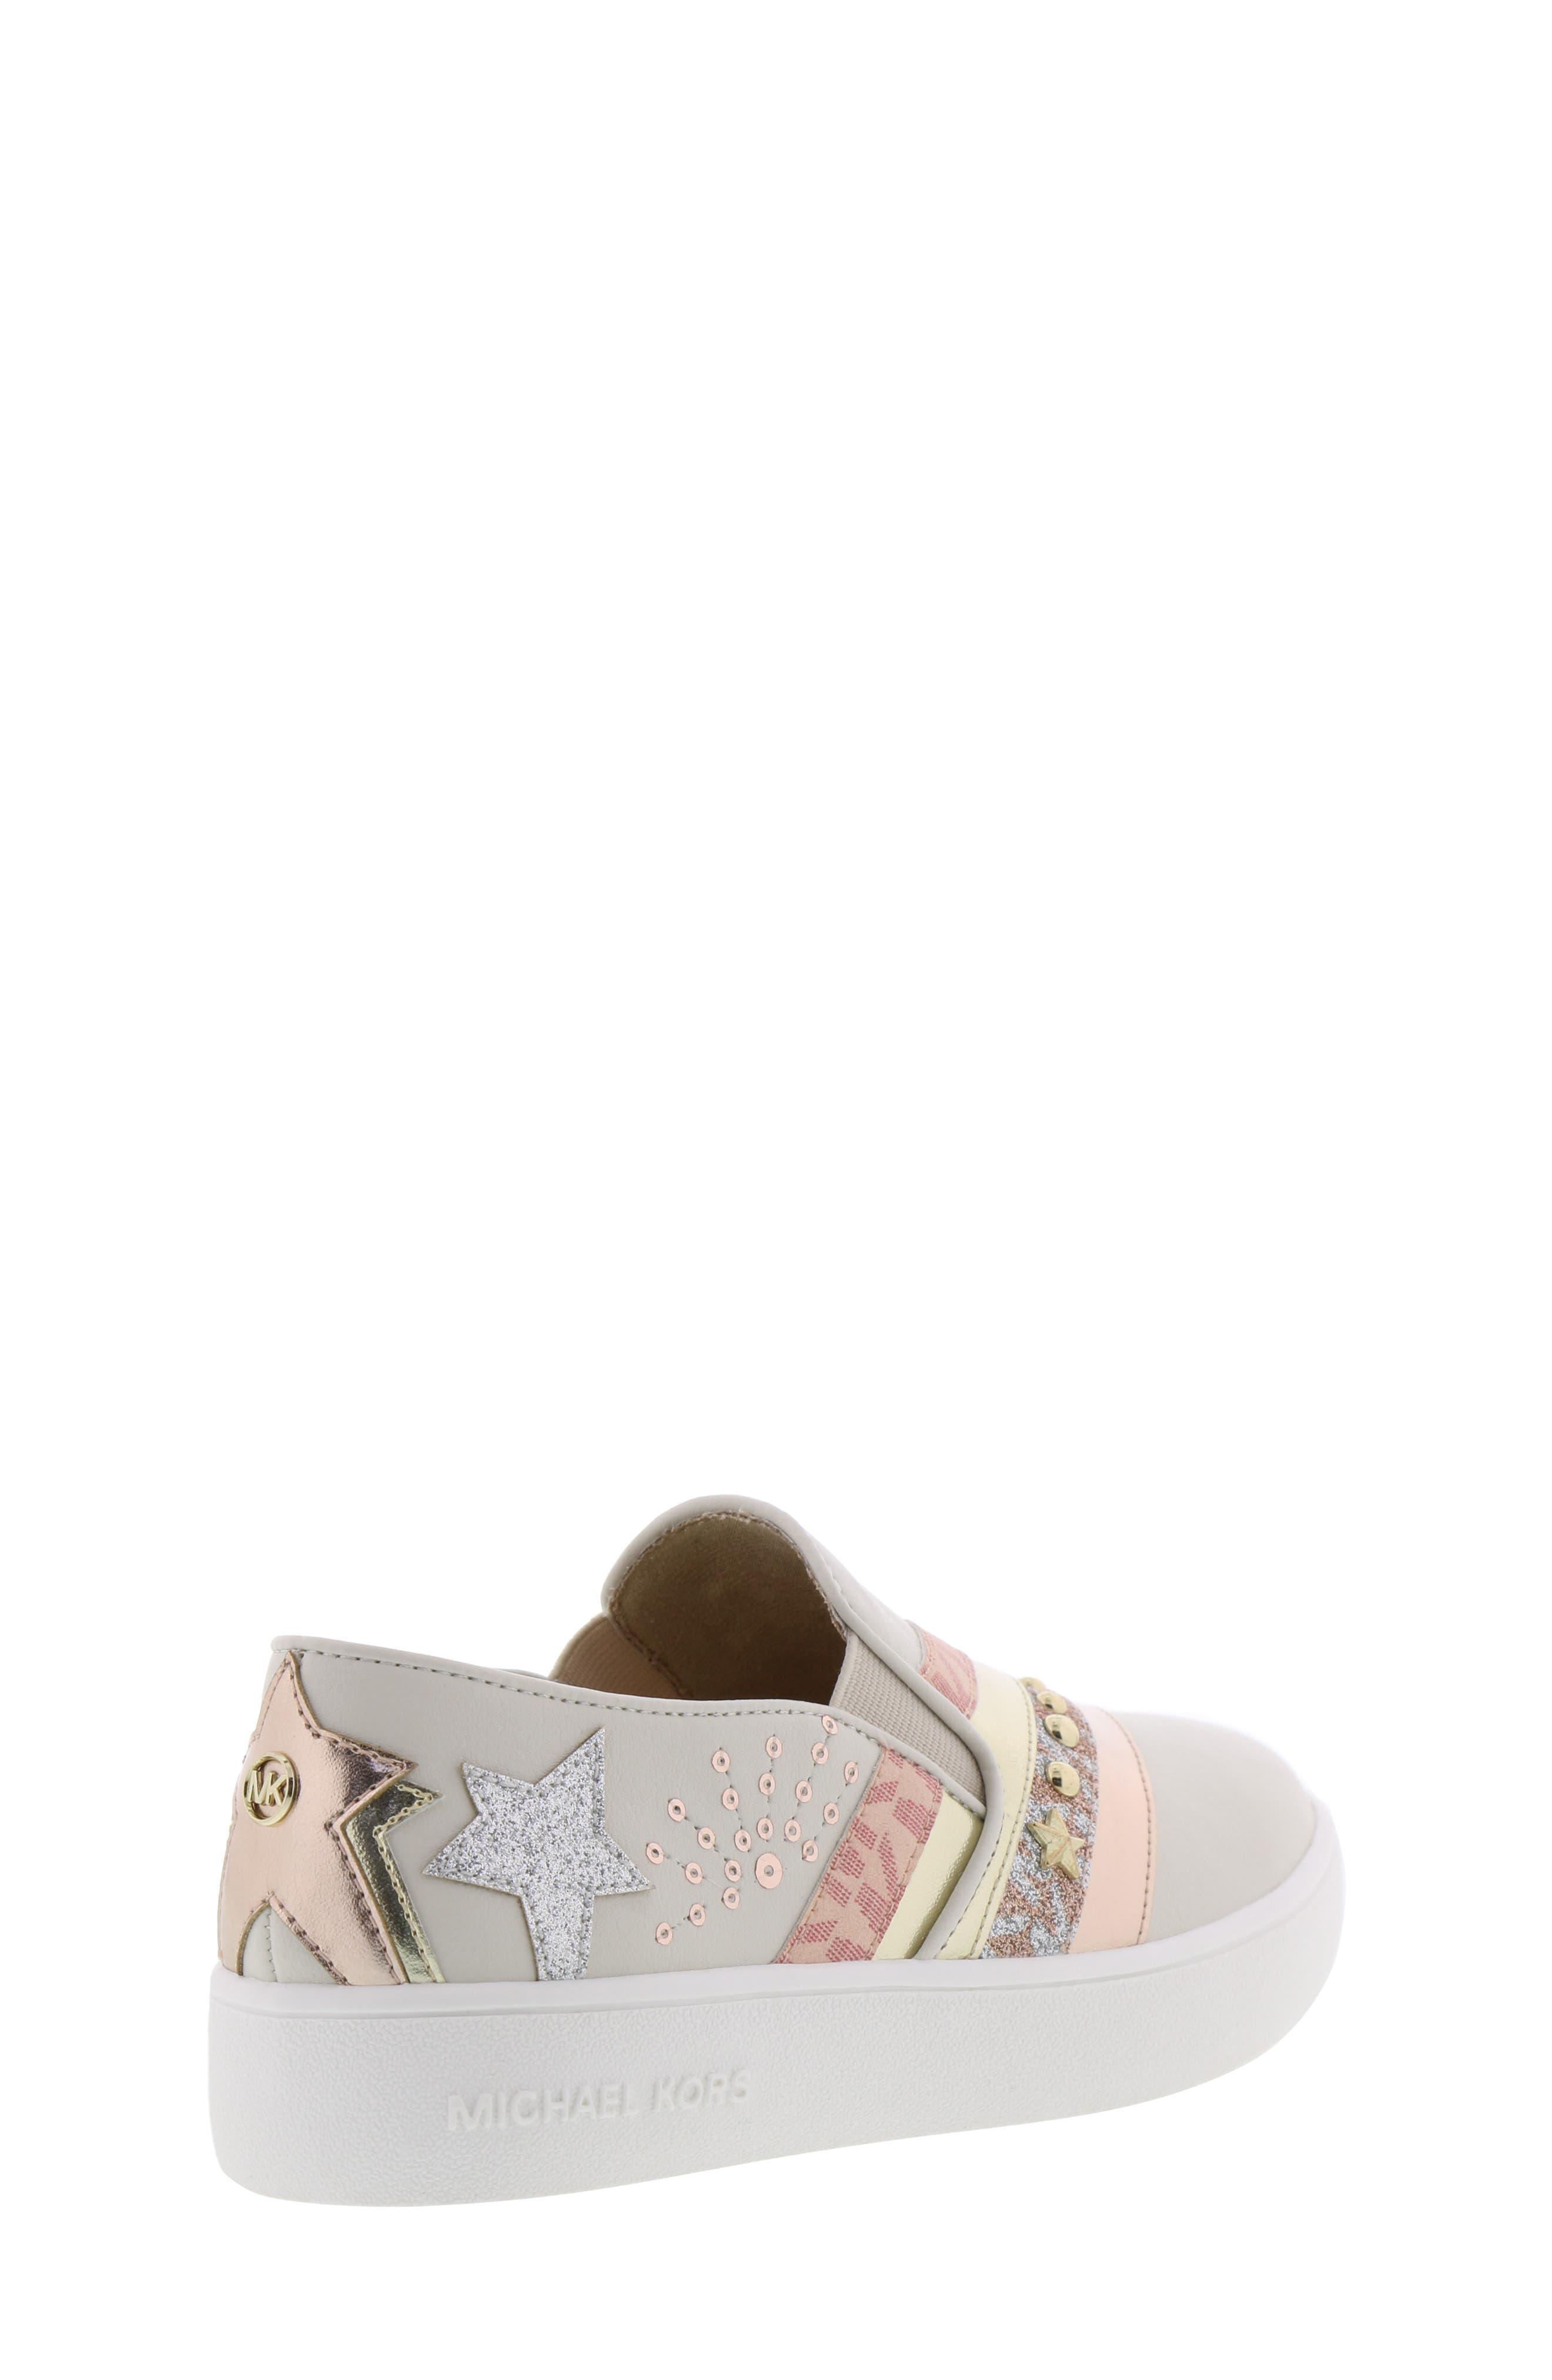 Jem Starlight Slip-On Sneaker,                             Alternate thumbnail 2, color,                             VANILLA